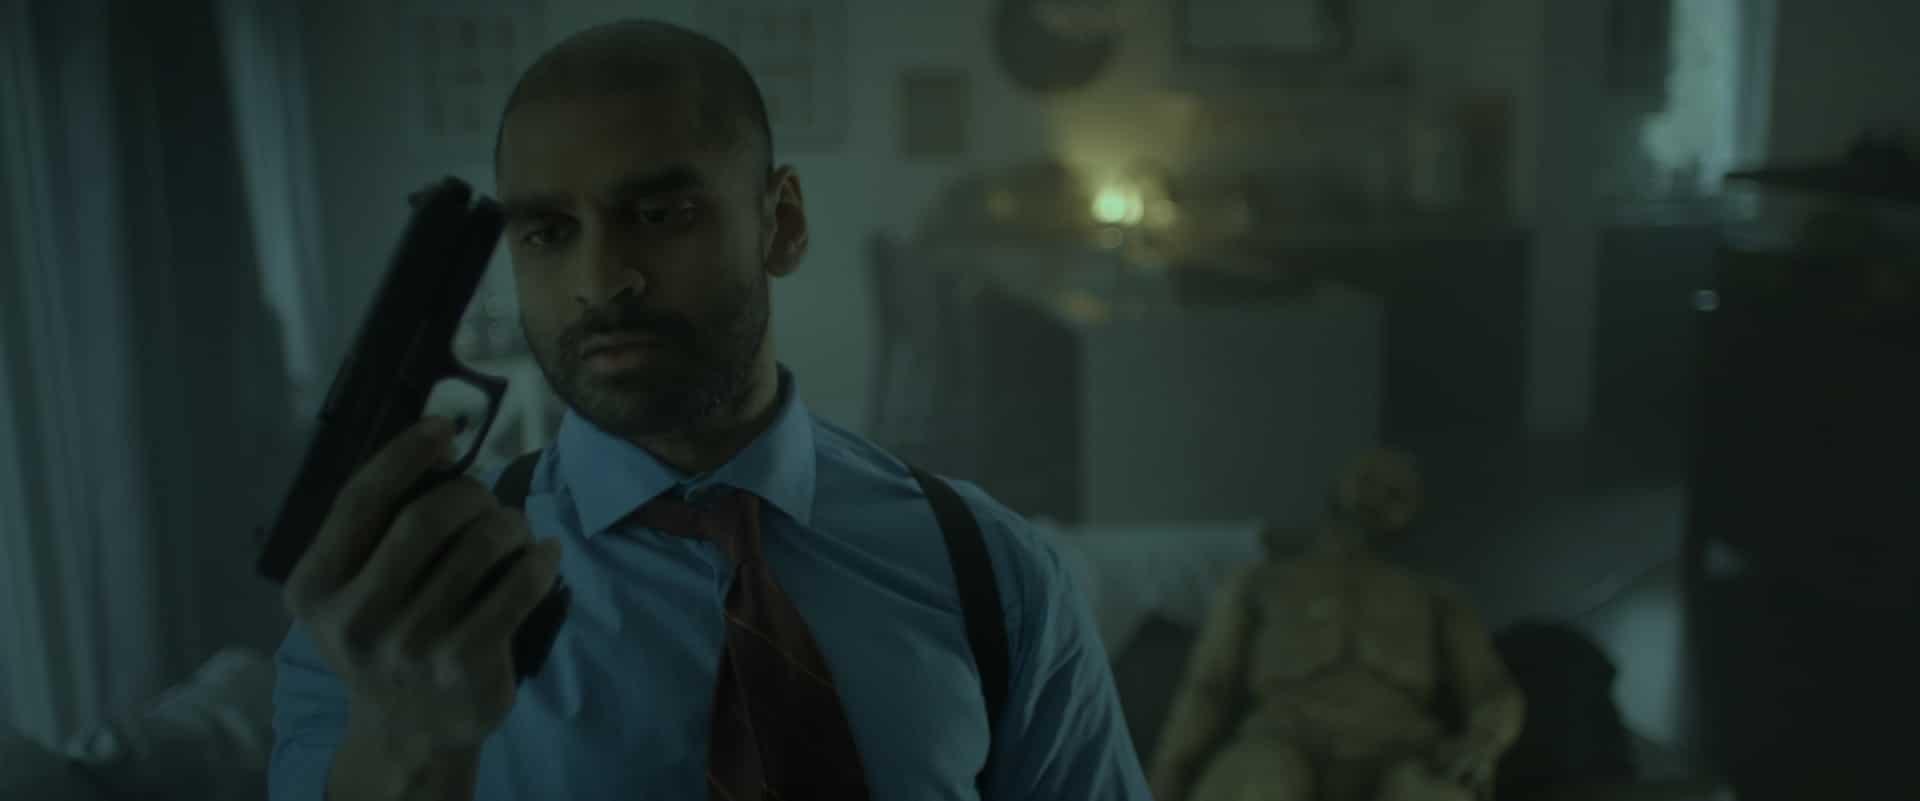 Drew, die Hauptfigur aus Lifechanger, steckt nun im Körper eines schwarzen Polizisten mit Hemd, Krawatte und Kurzhaarfrisur. Er mustert eine Pistole in seiner Hand, im Hintergrund ist ein Wohnzimmer mit Möbeln zu sehen. Auf dem Sofa sitzt ein nackter, ausgezerrter Körper.